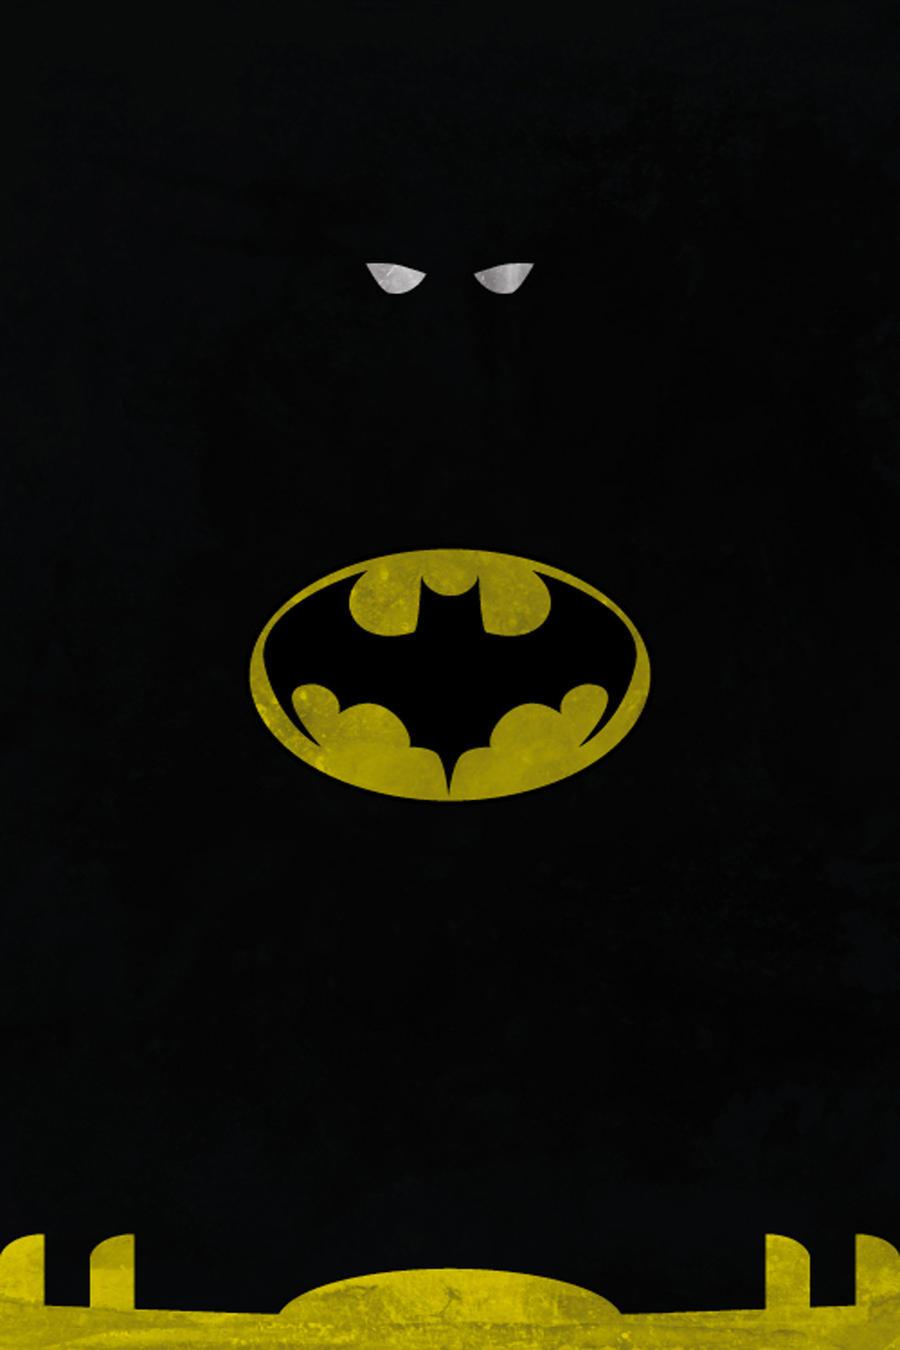 Batman by Jehuty23